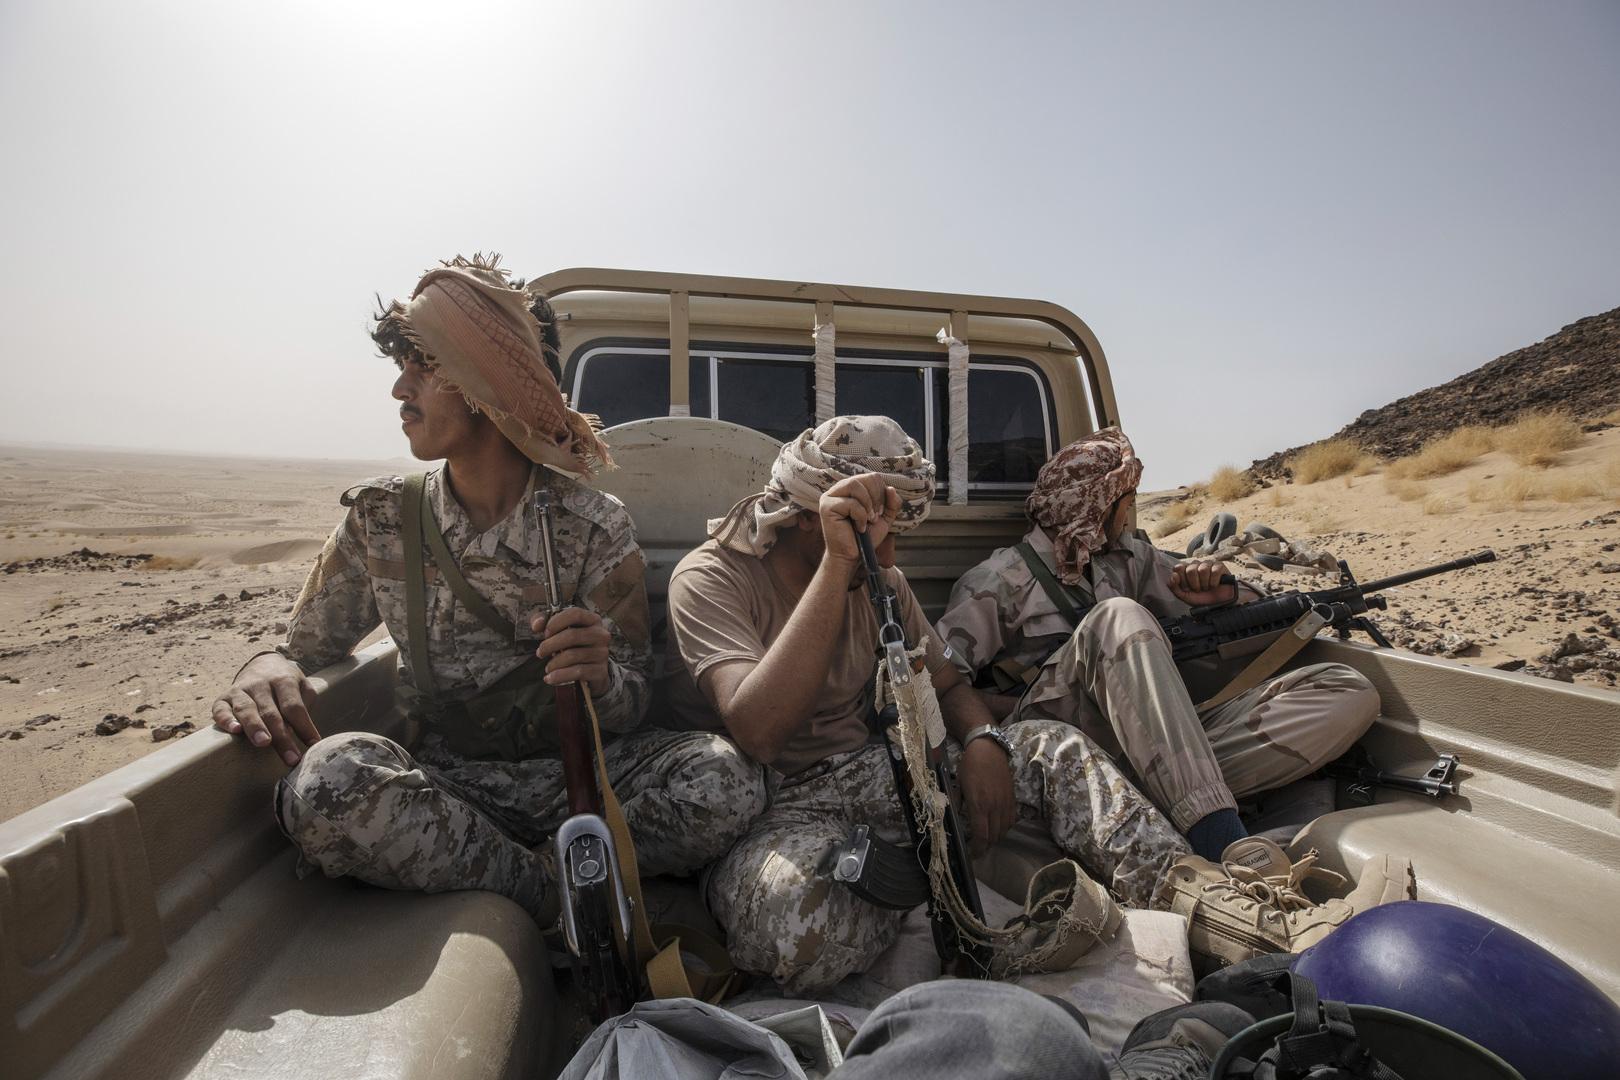 الحوثيون يعلنون عن عملية واسعة نفذوها في مأرب قبل عام